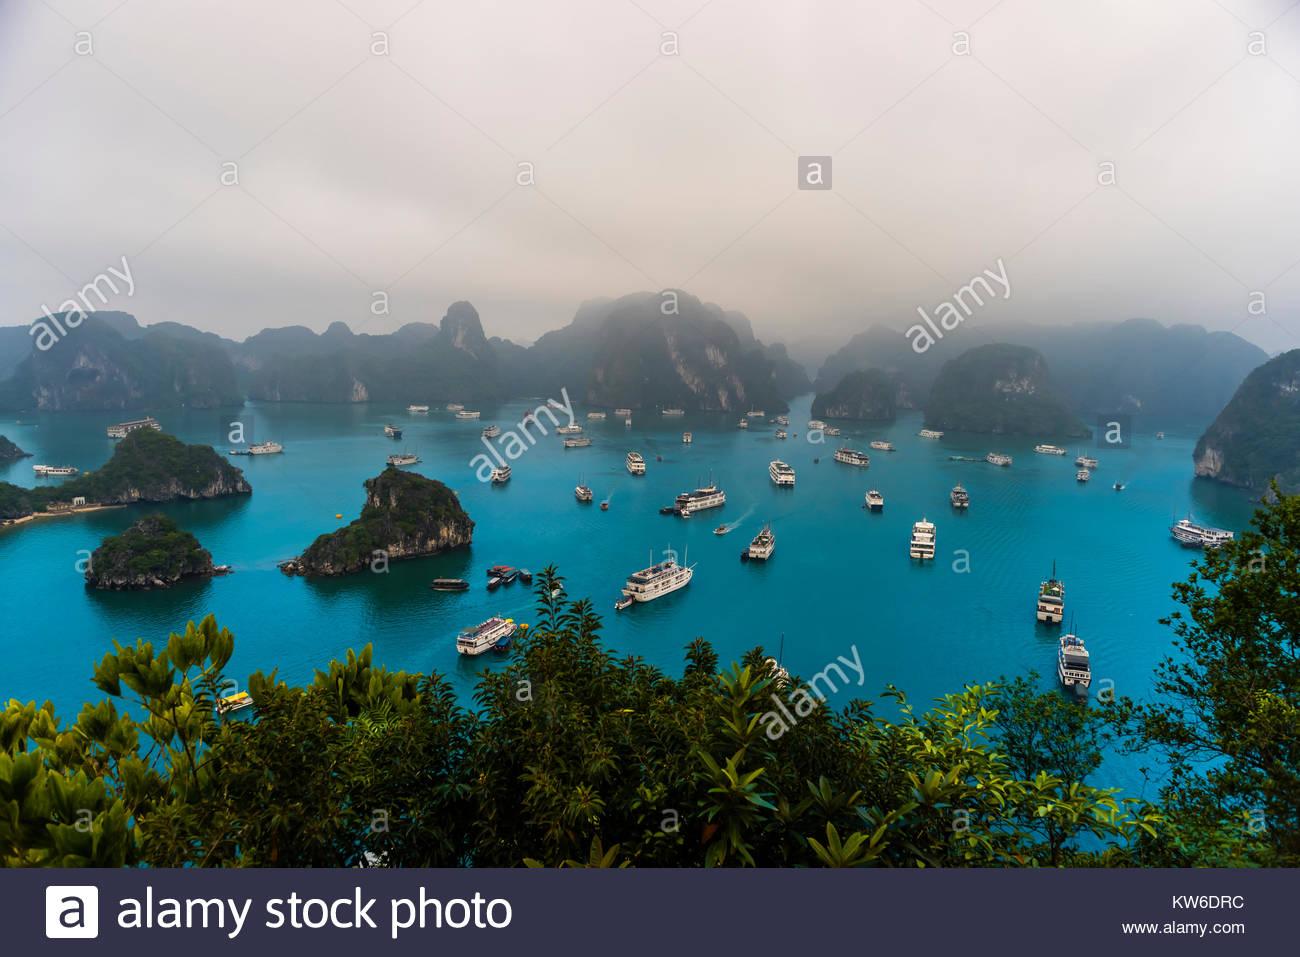 Un alto ángulo de visualización de Halong Bay de la isla de Ti Top, Vietnam del Norte lleno de barcos Imagen De Stock